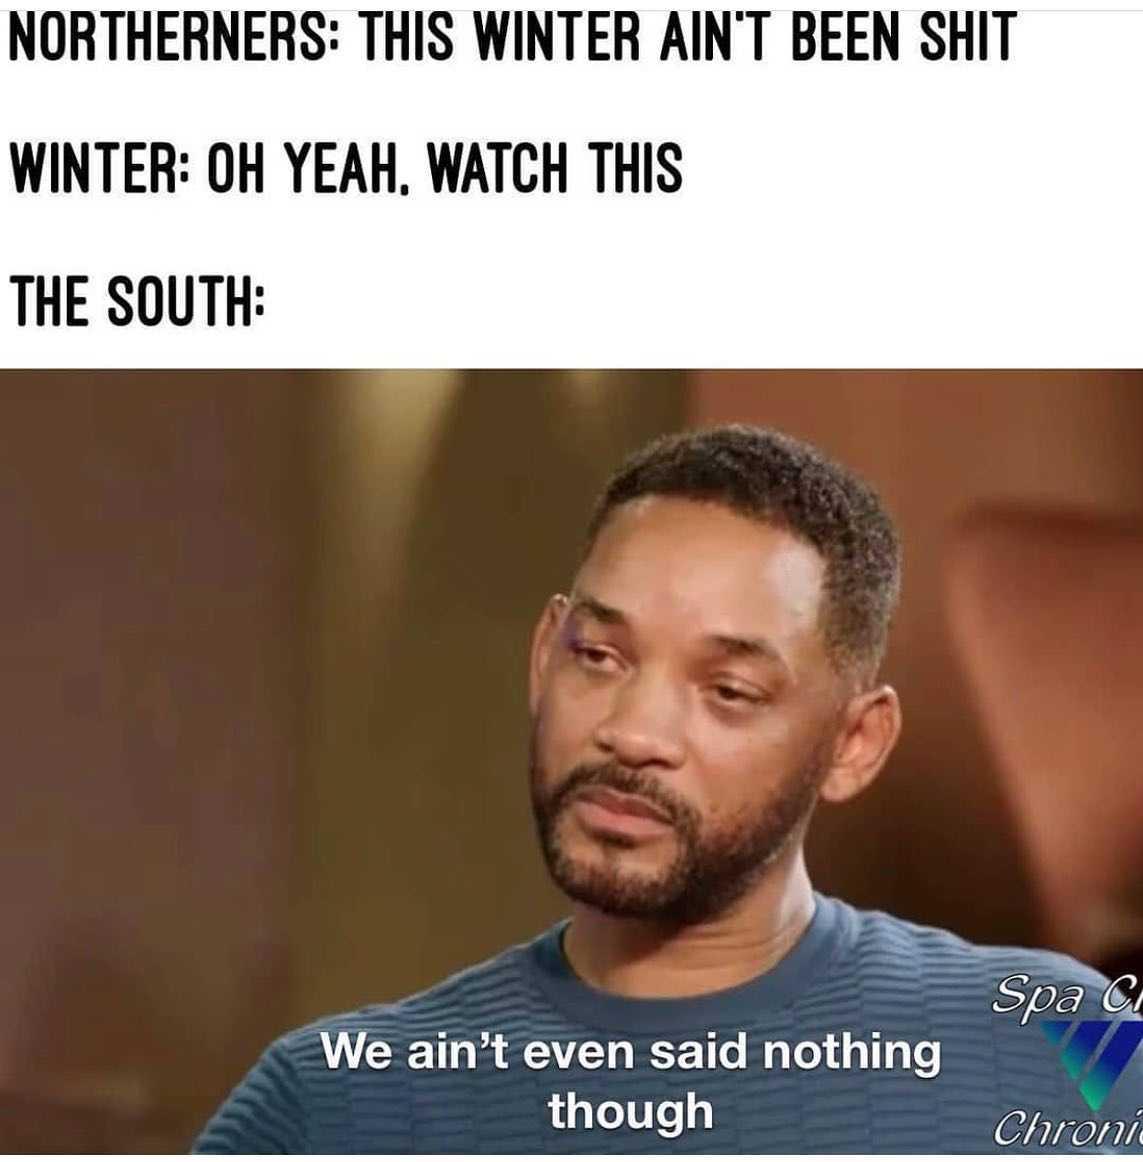 Texas Freeze Memes - Innocent Bystanders